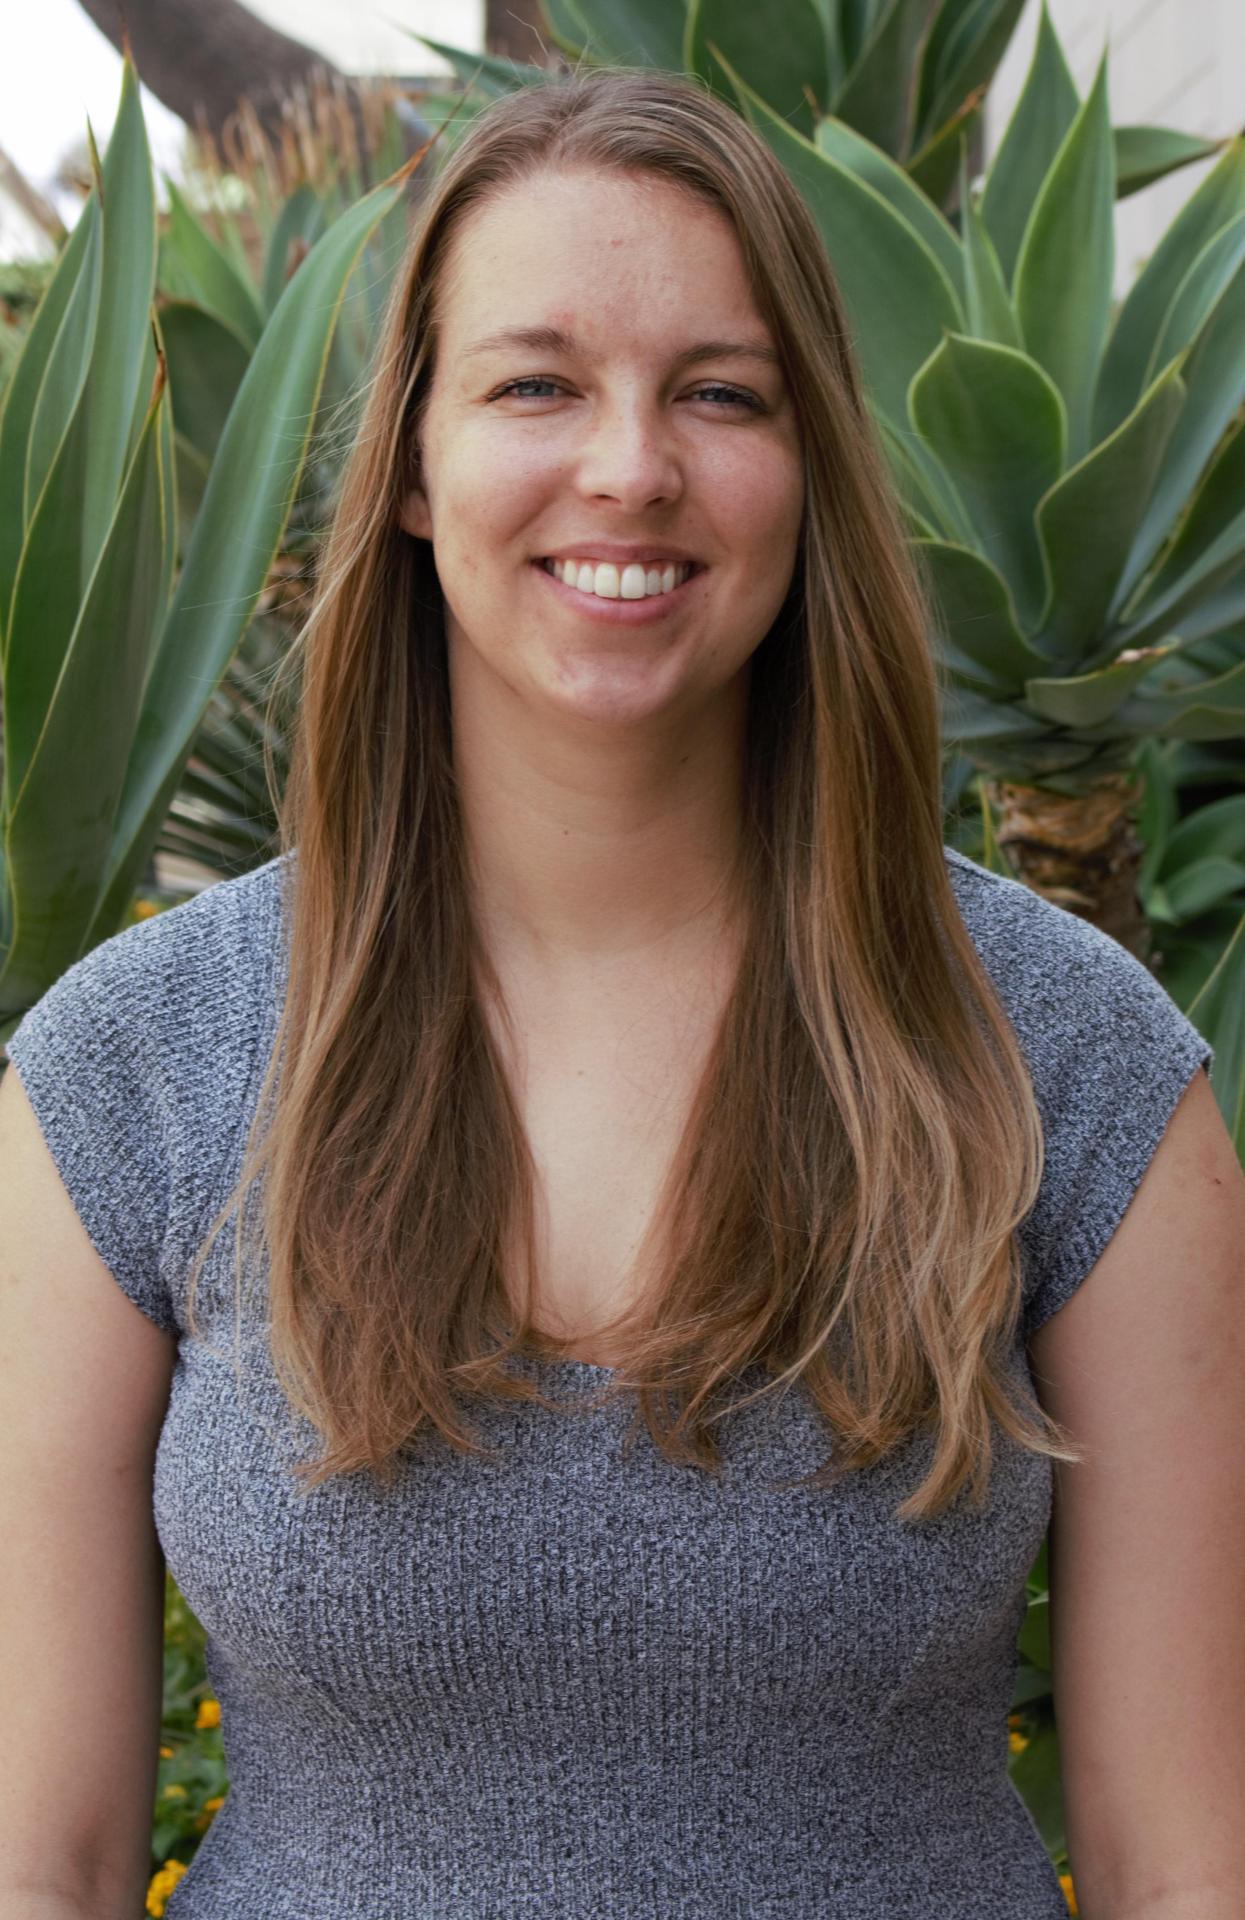 Maggie Denison